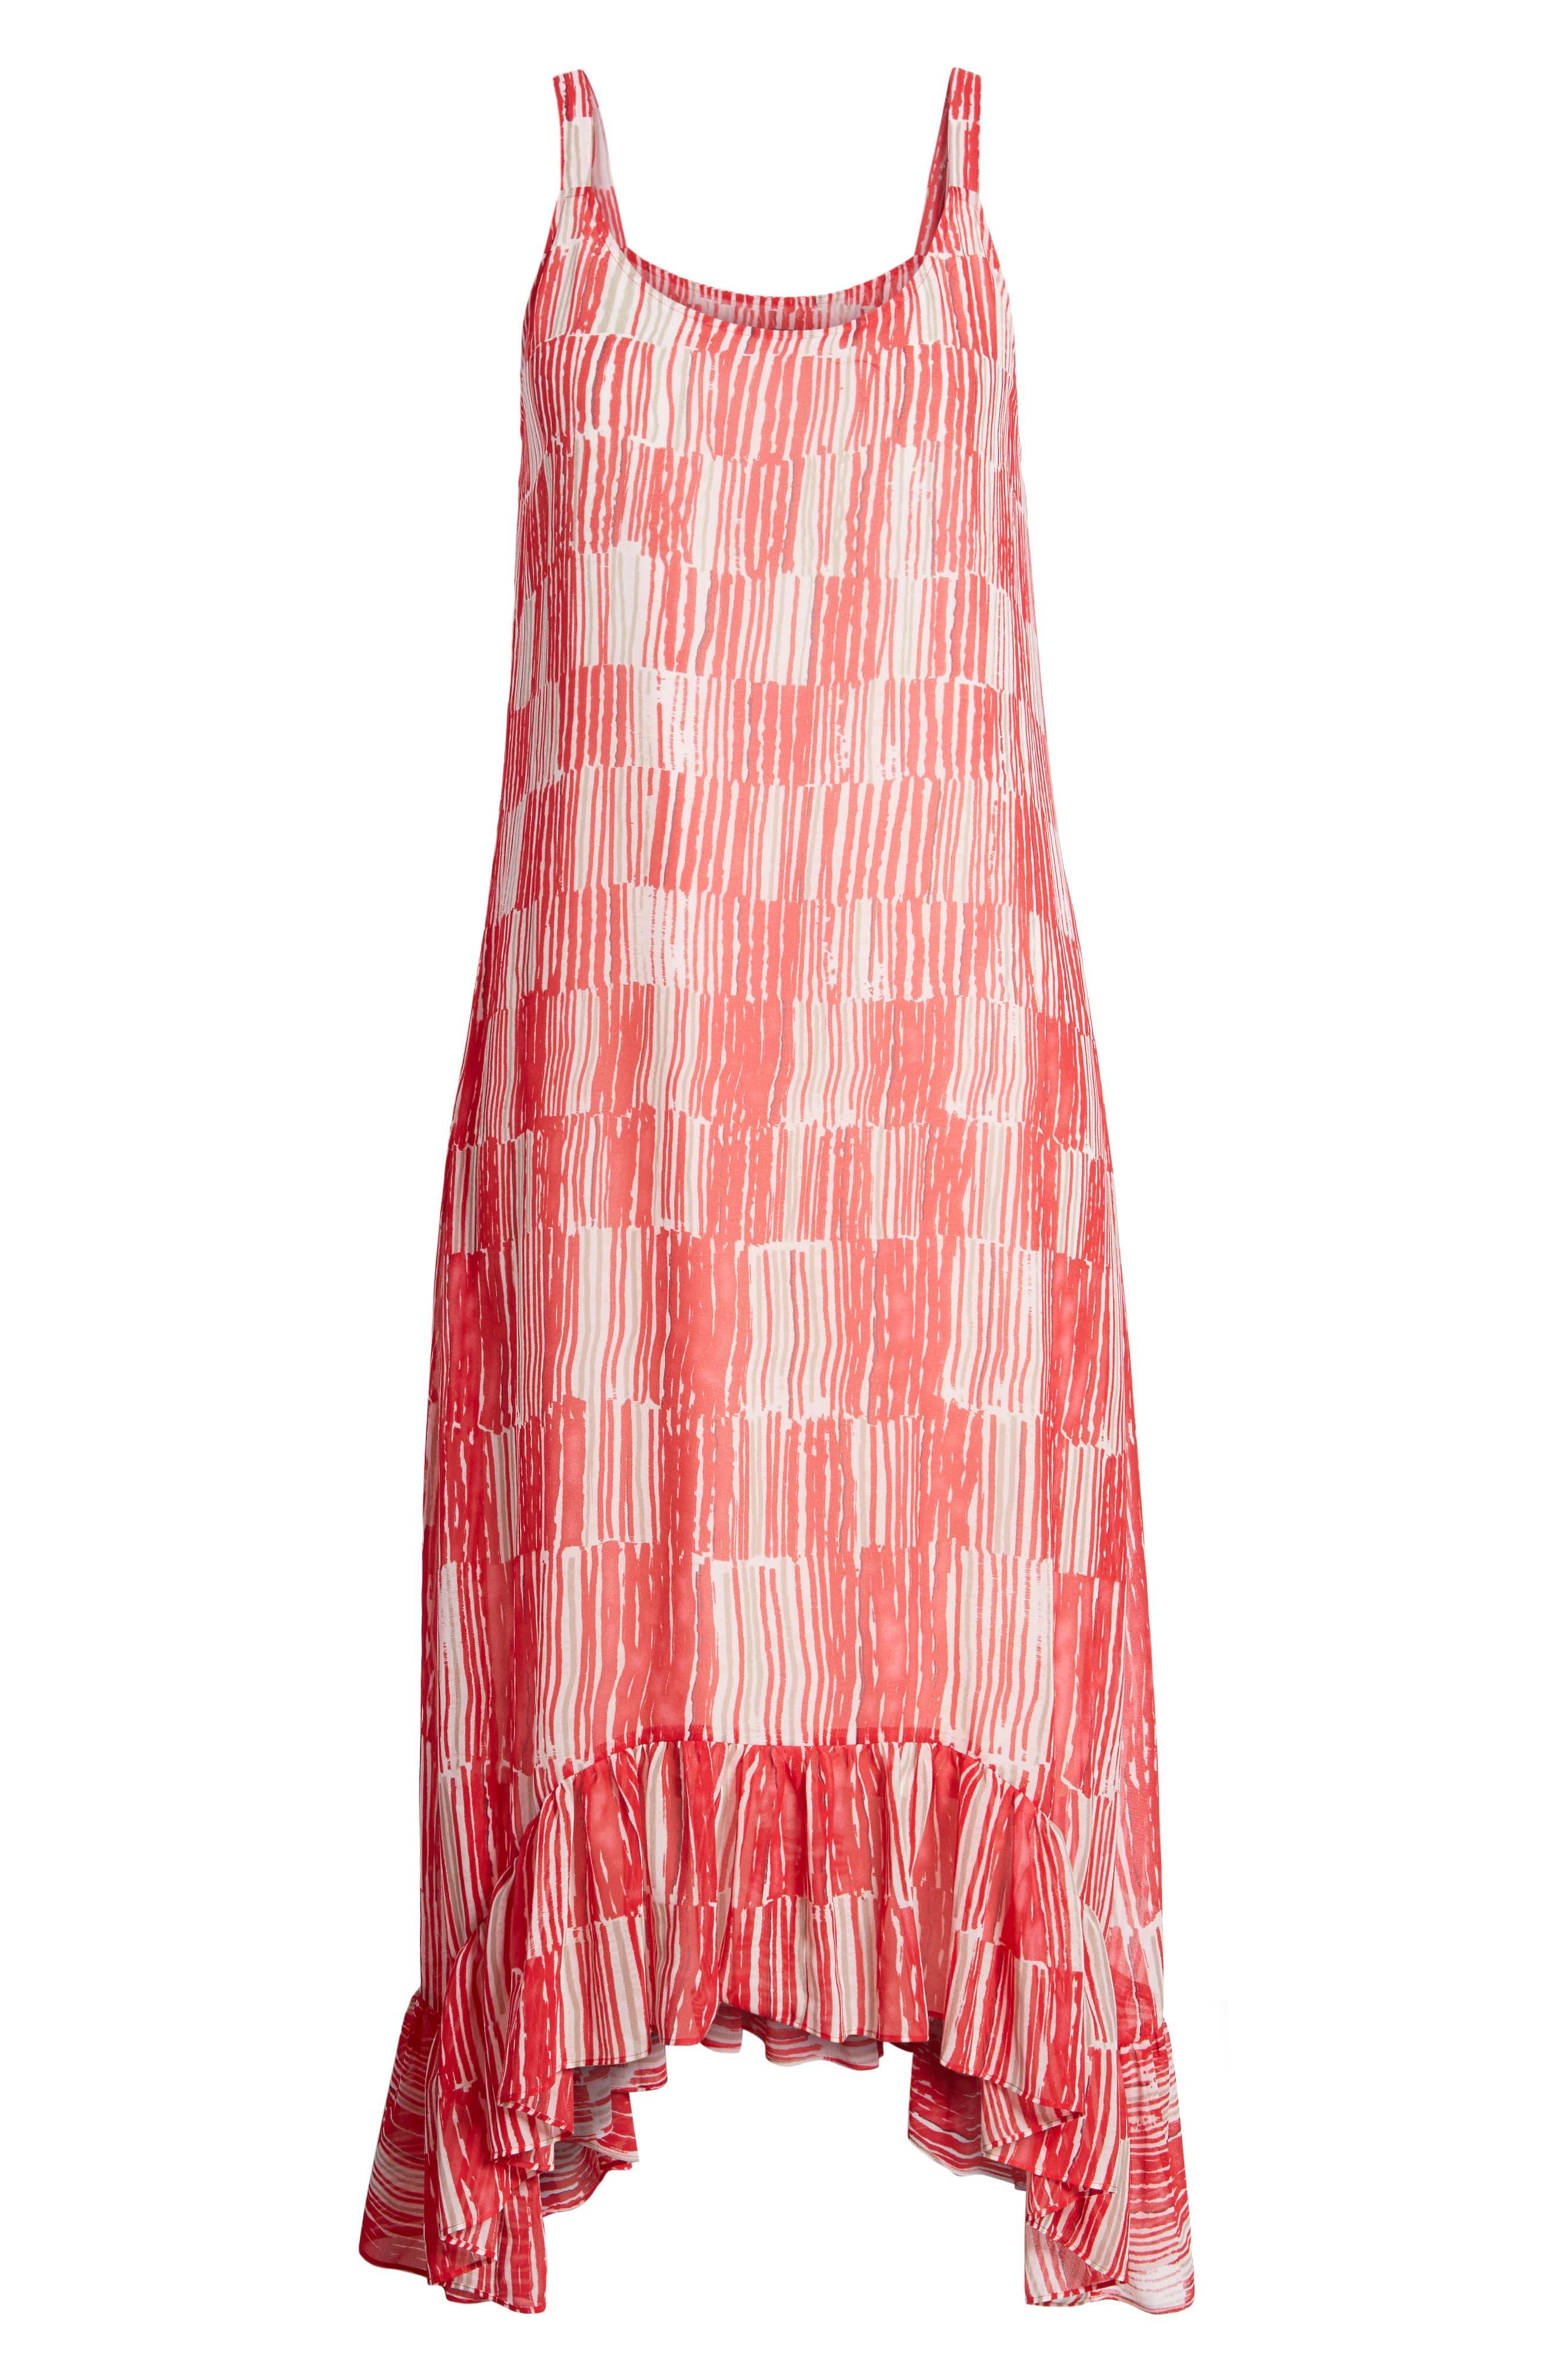 Zambra Dress,                             Alternate thumbnail 7, color,                             Multi